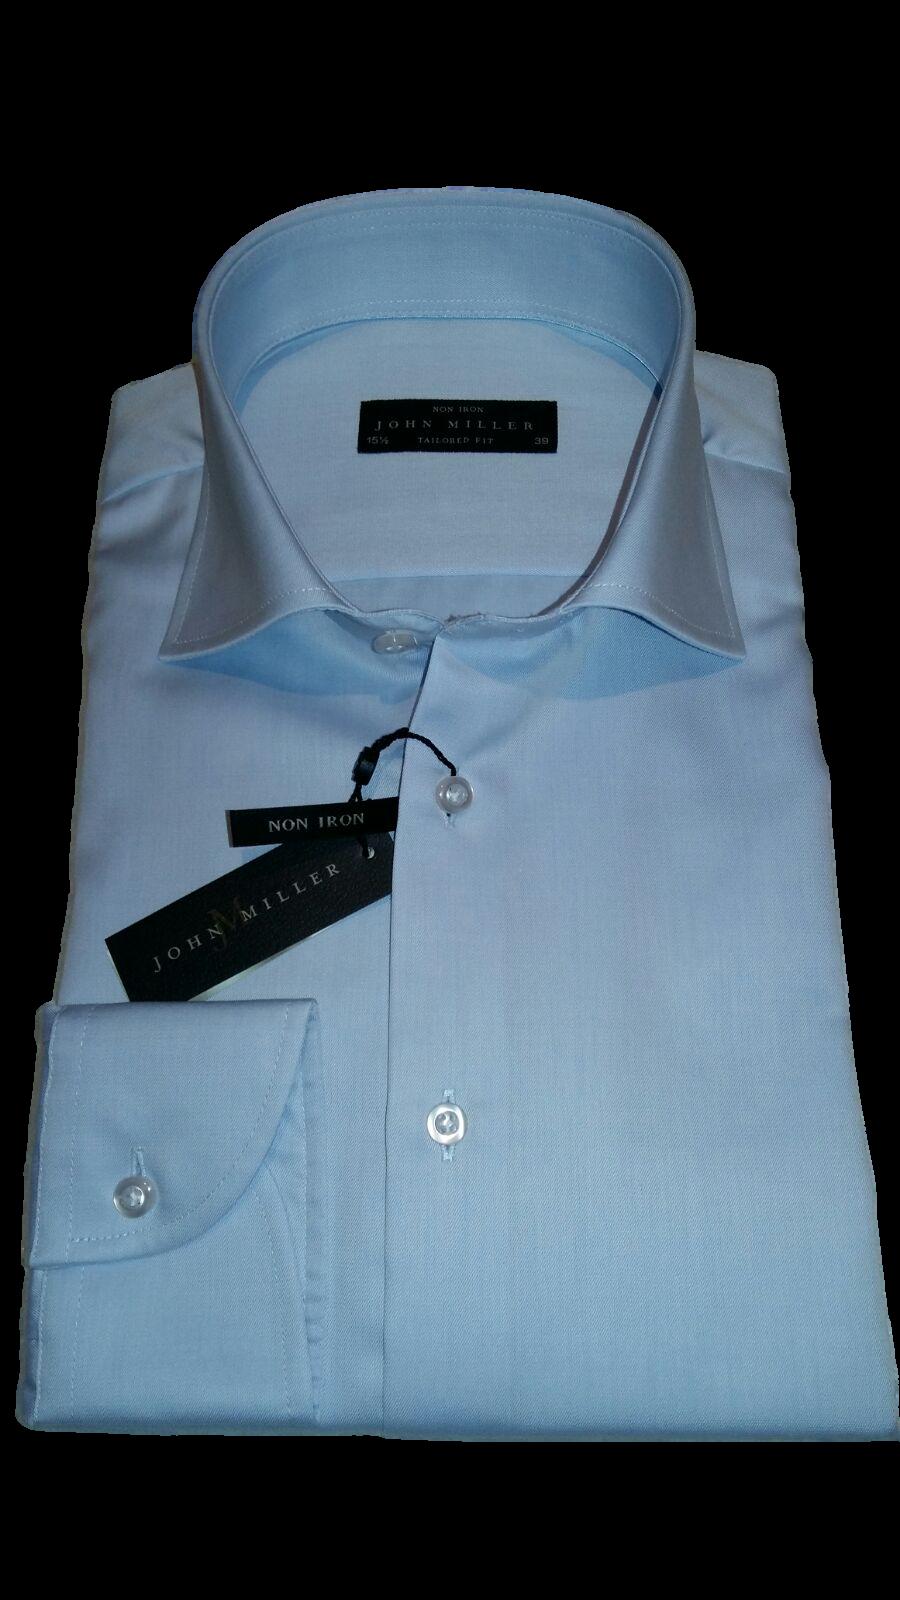 Non Iron Shirt-1